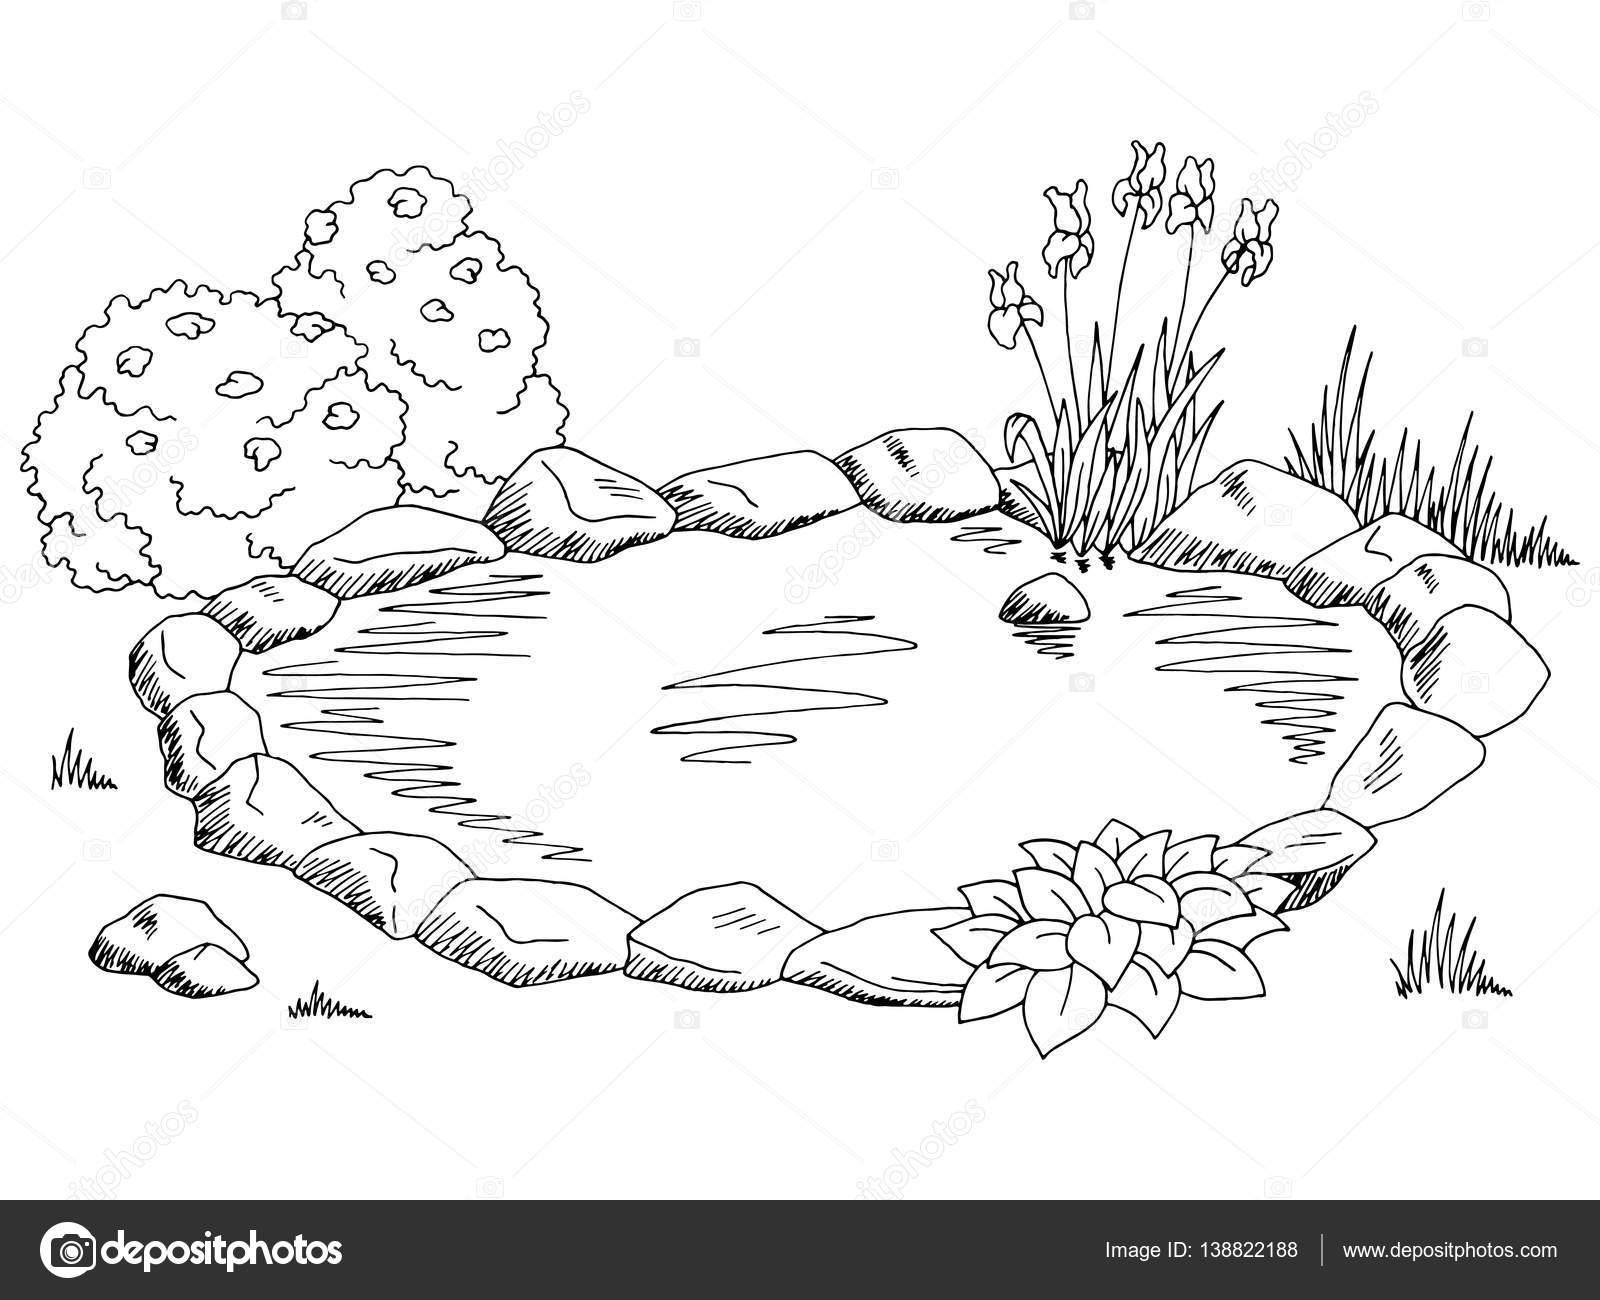 Lagoa Grafico Preto Branca Paisagem Desenho Ilustracao